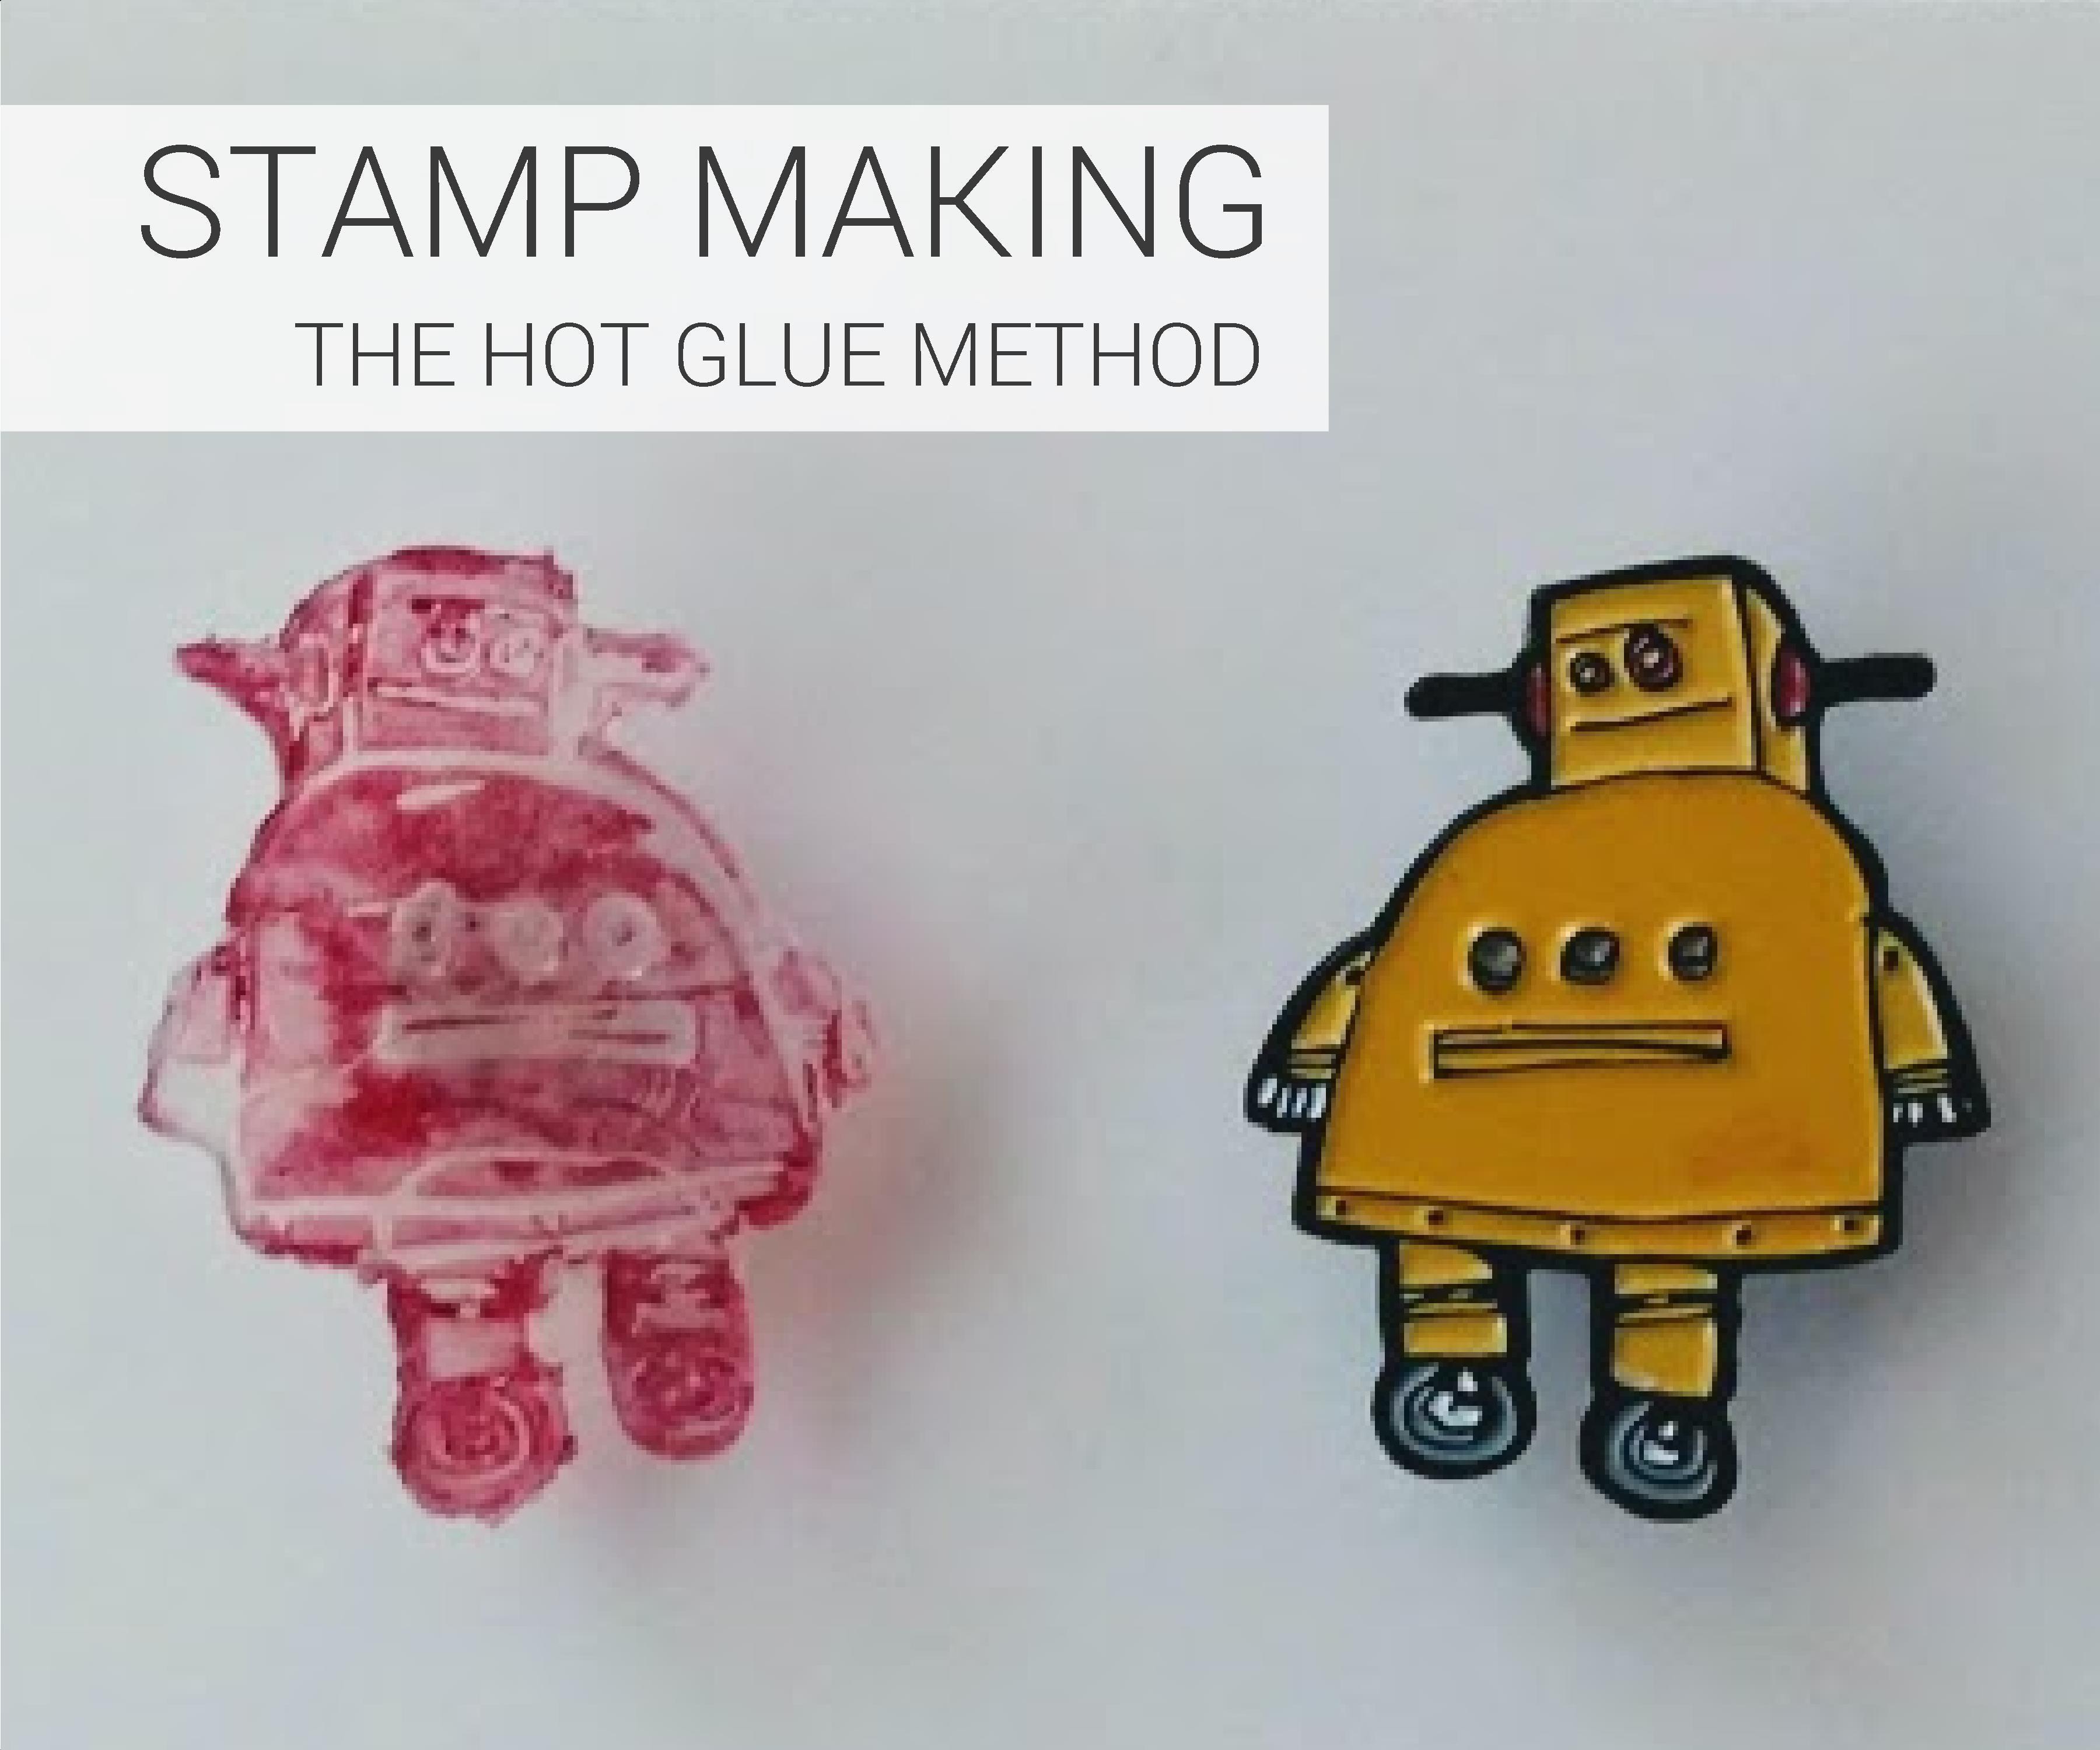 Hot Glue Stamp